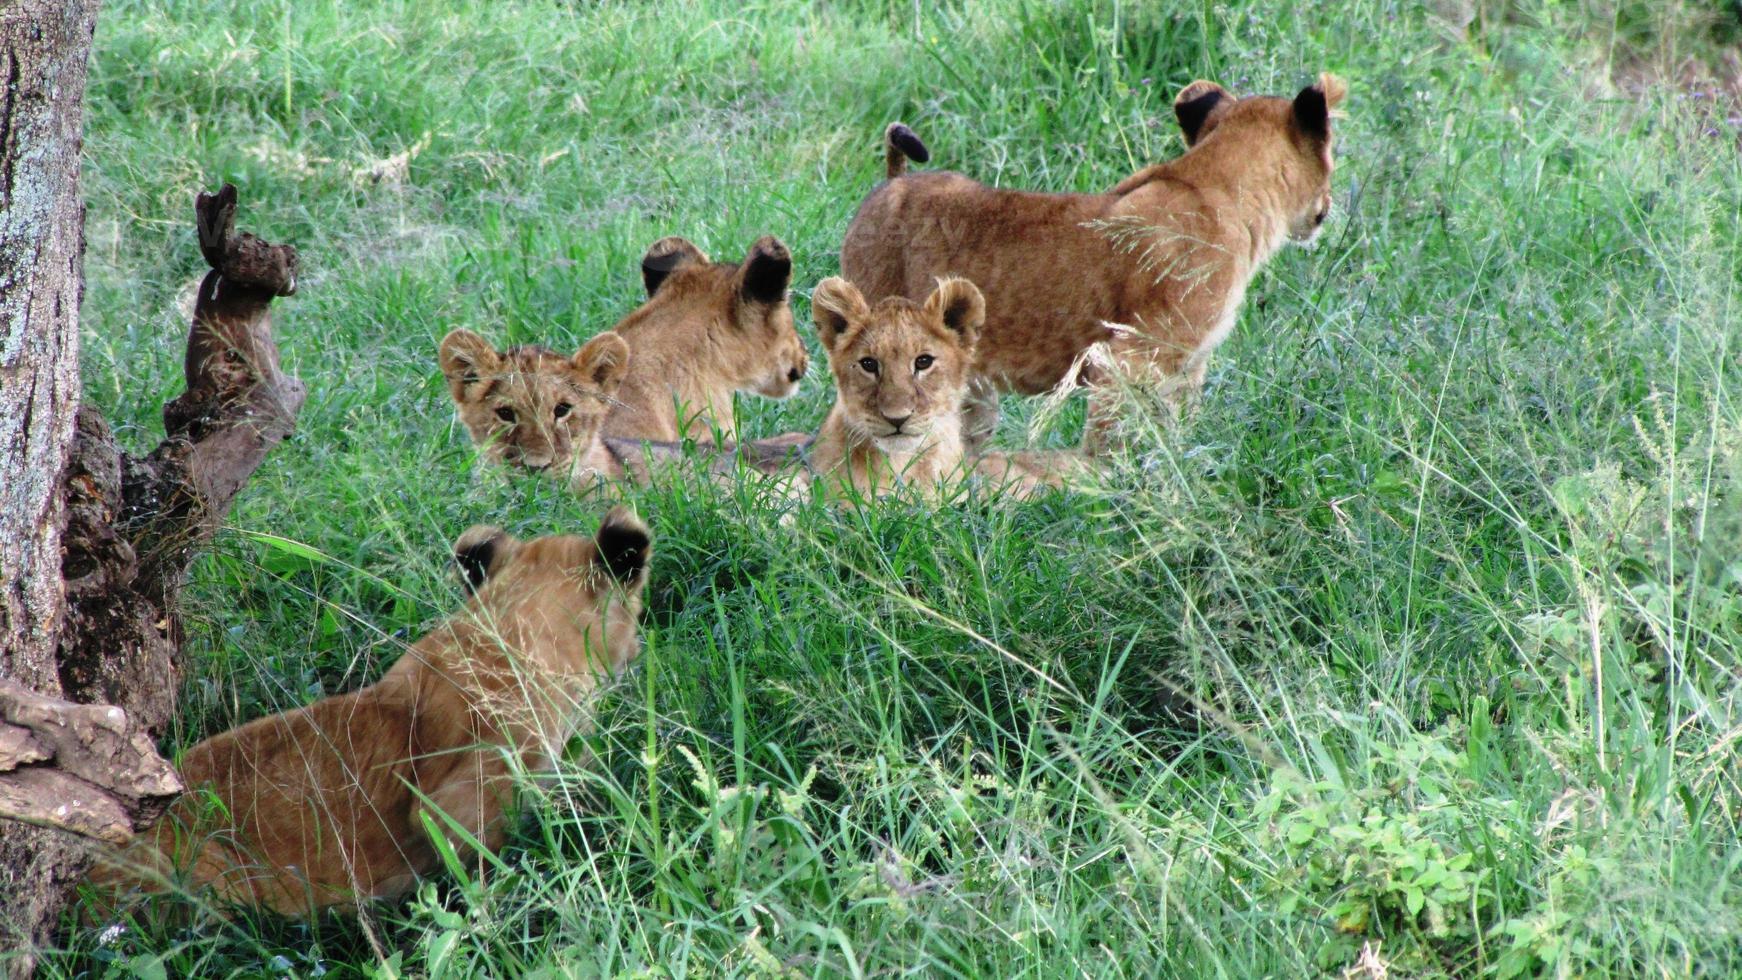 dieren in het wild, Masai Mara National Reserve, Kenia foto